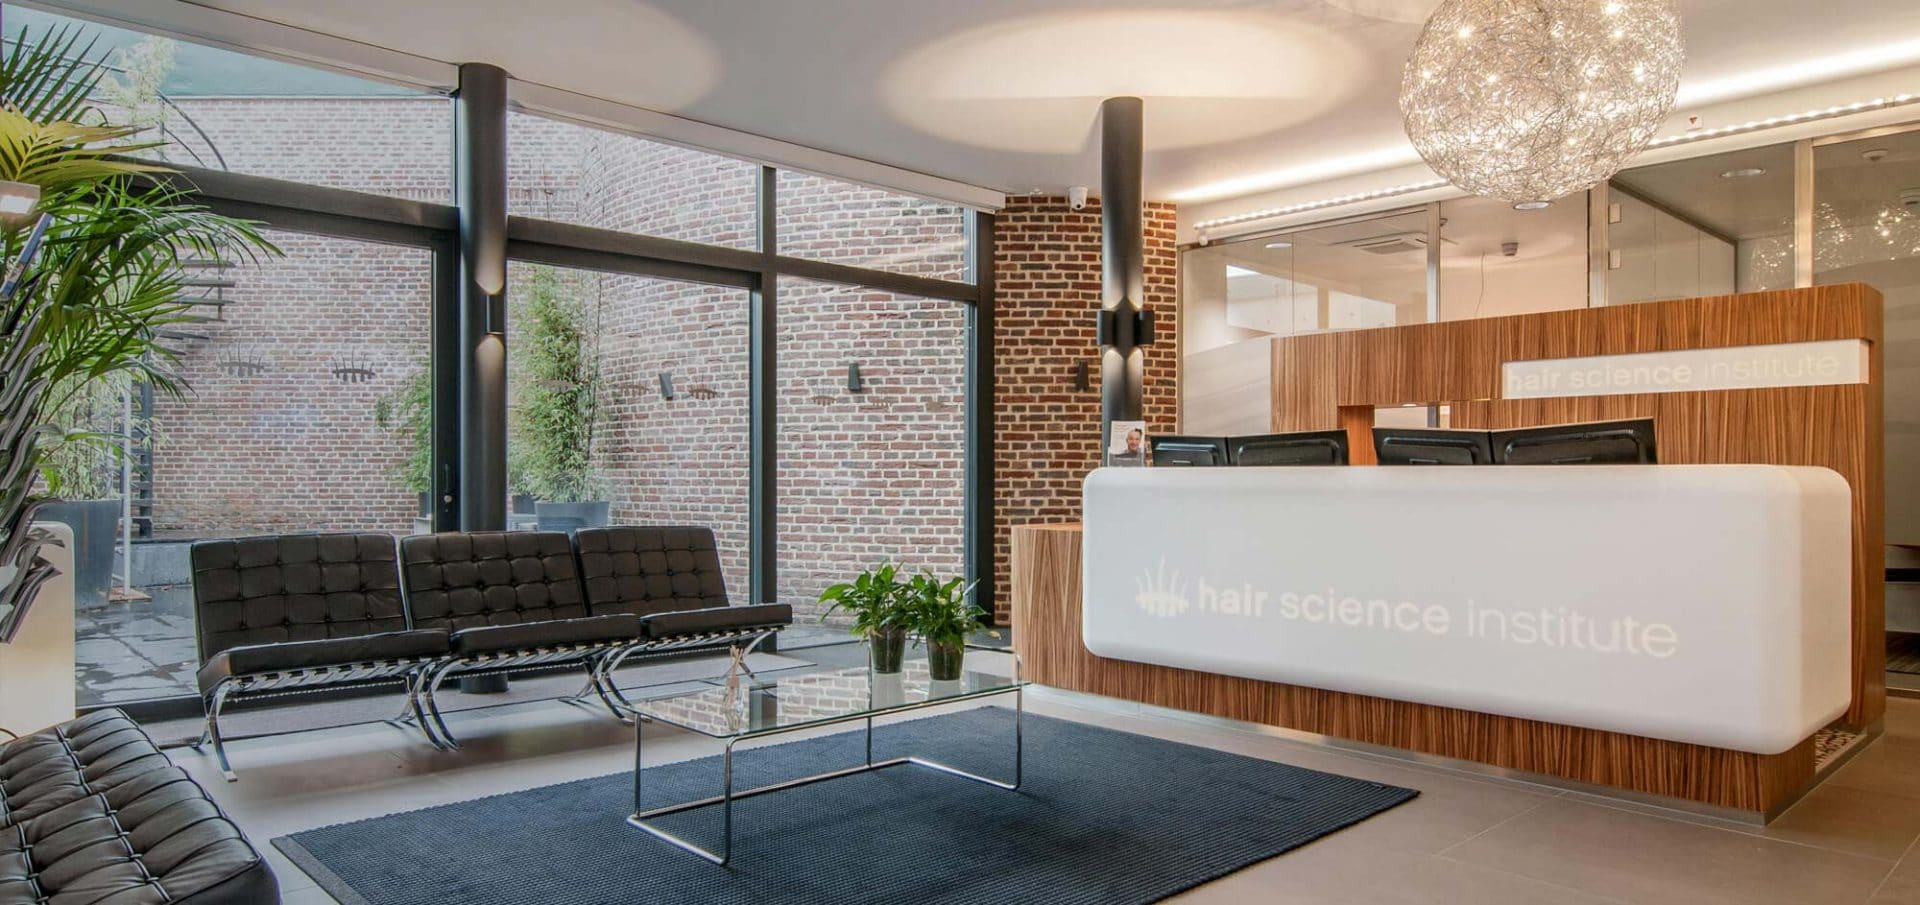 Haartransplantatie kliniek Maastricht balie met Binnentuin